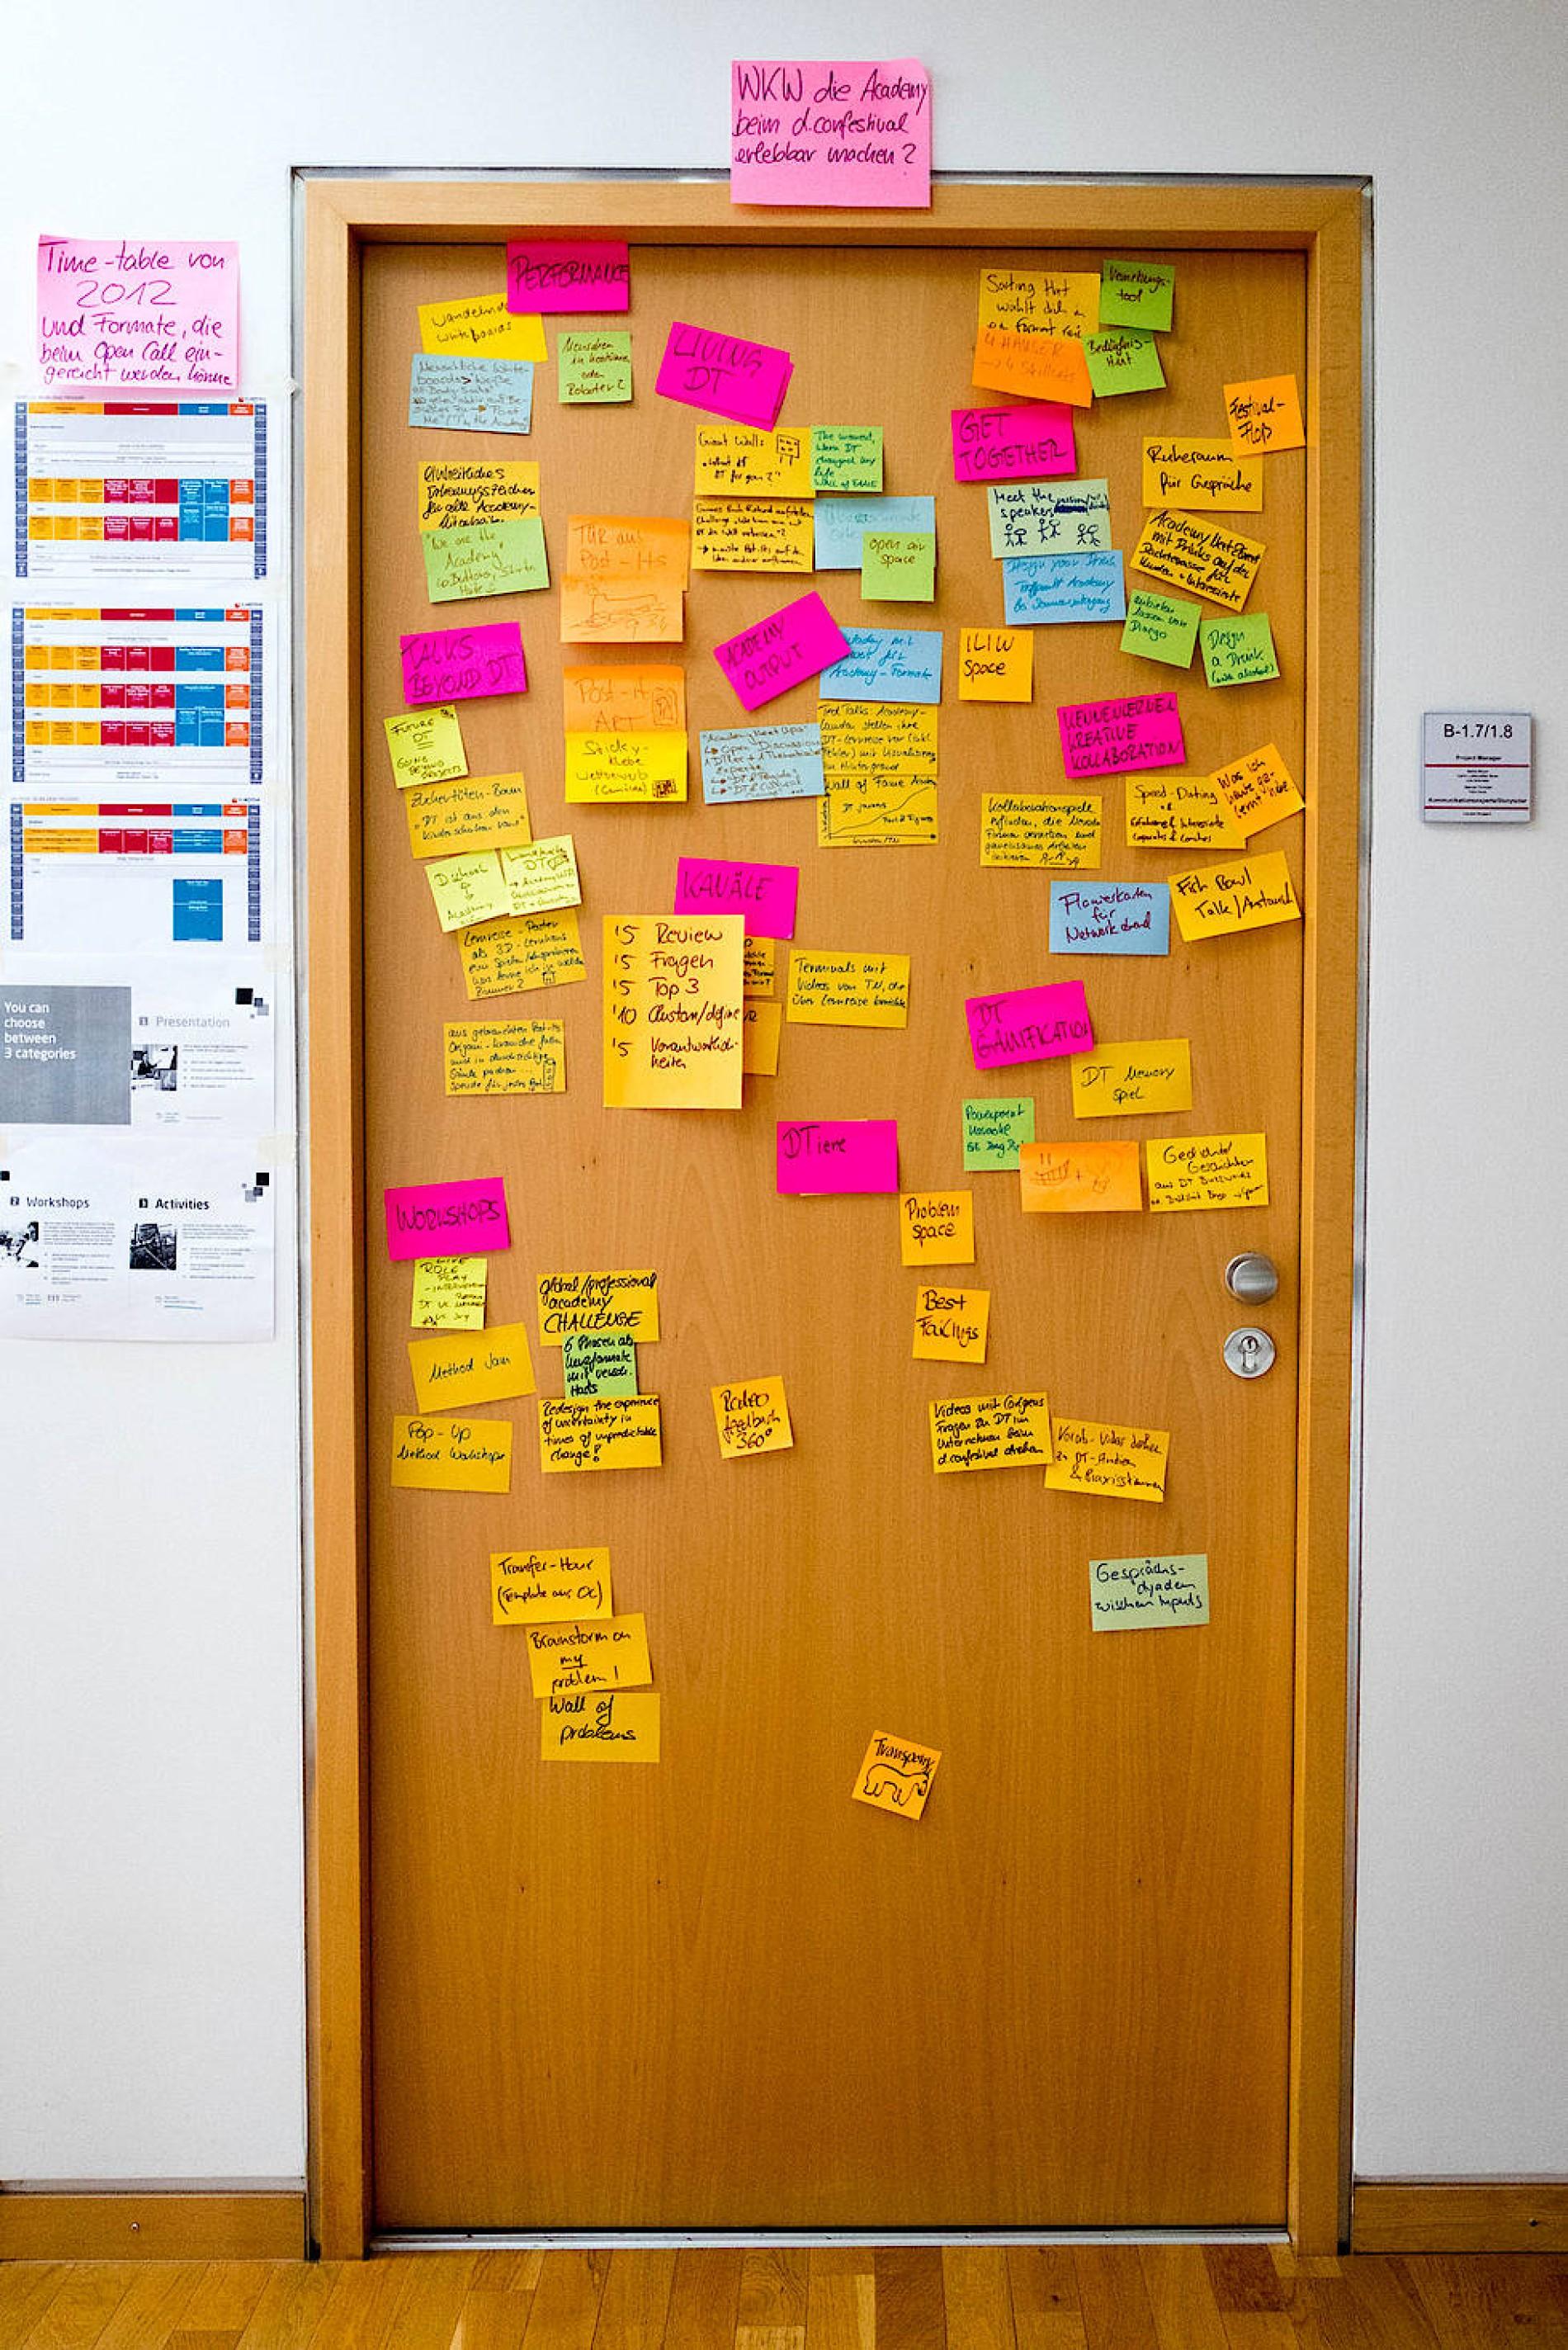 Blick auf eine Tür voller Post-Its einer Workshop-Gruppe im Hasso-Plattner-Institut Foto: Daniel Pilar